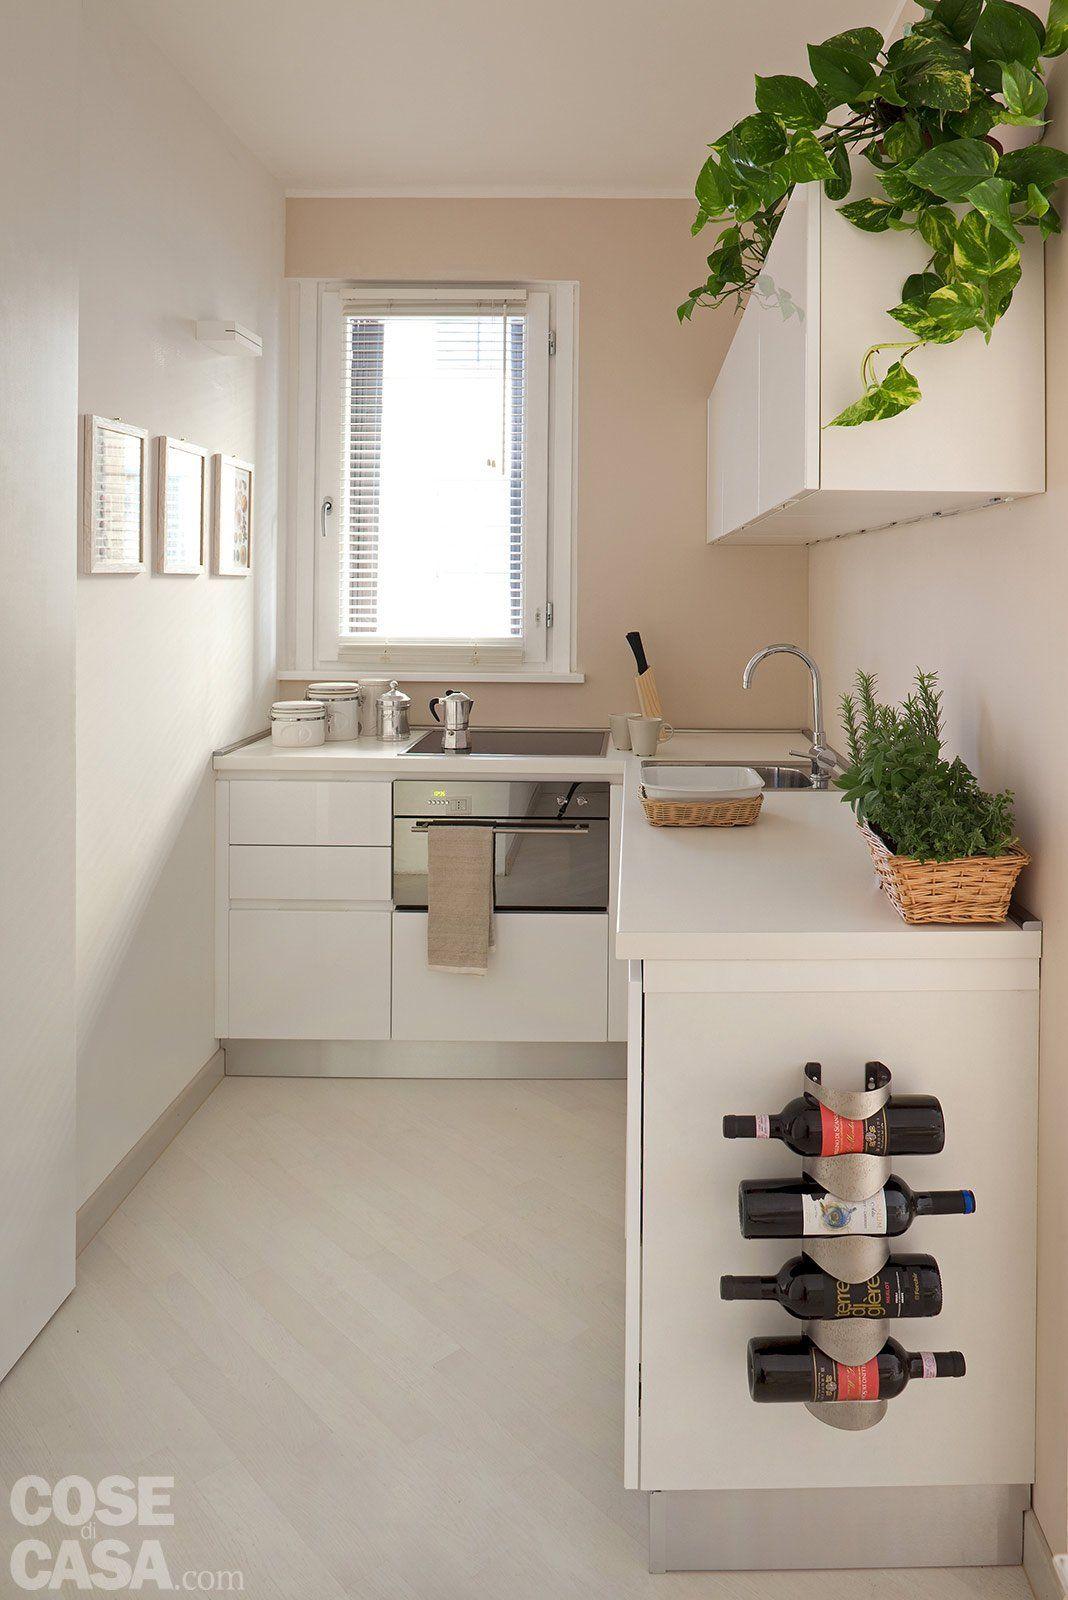 Case piccole due soluzioni diverse di 44 mq e 37 mq for for Case moderne interni cucine